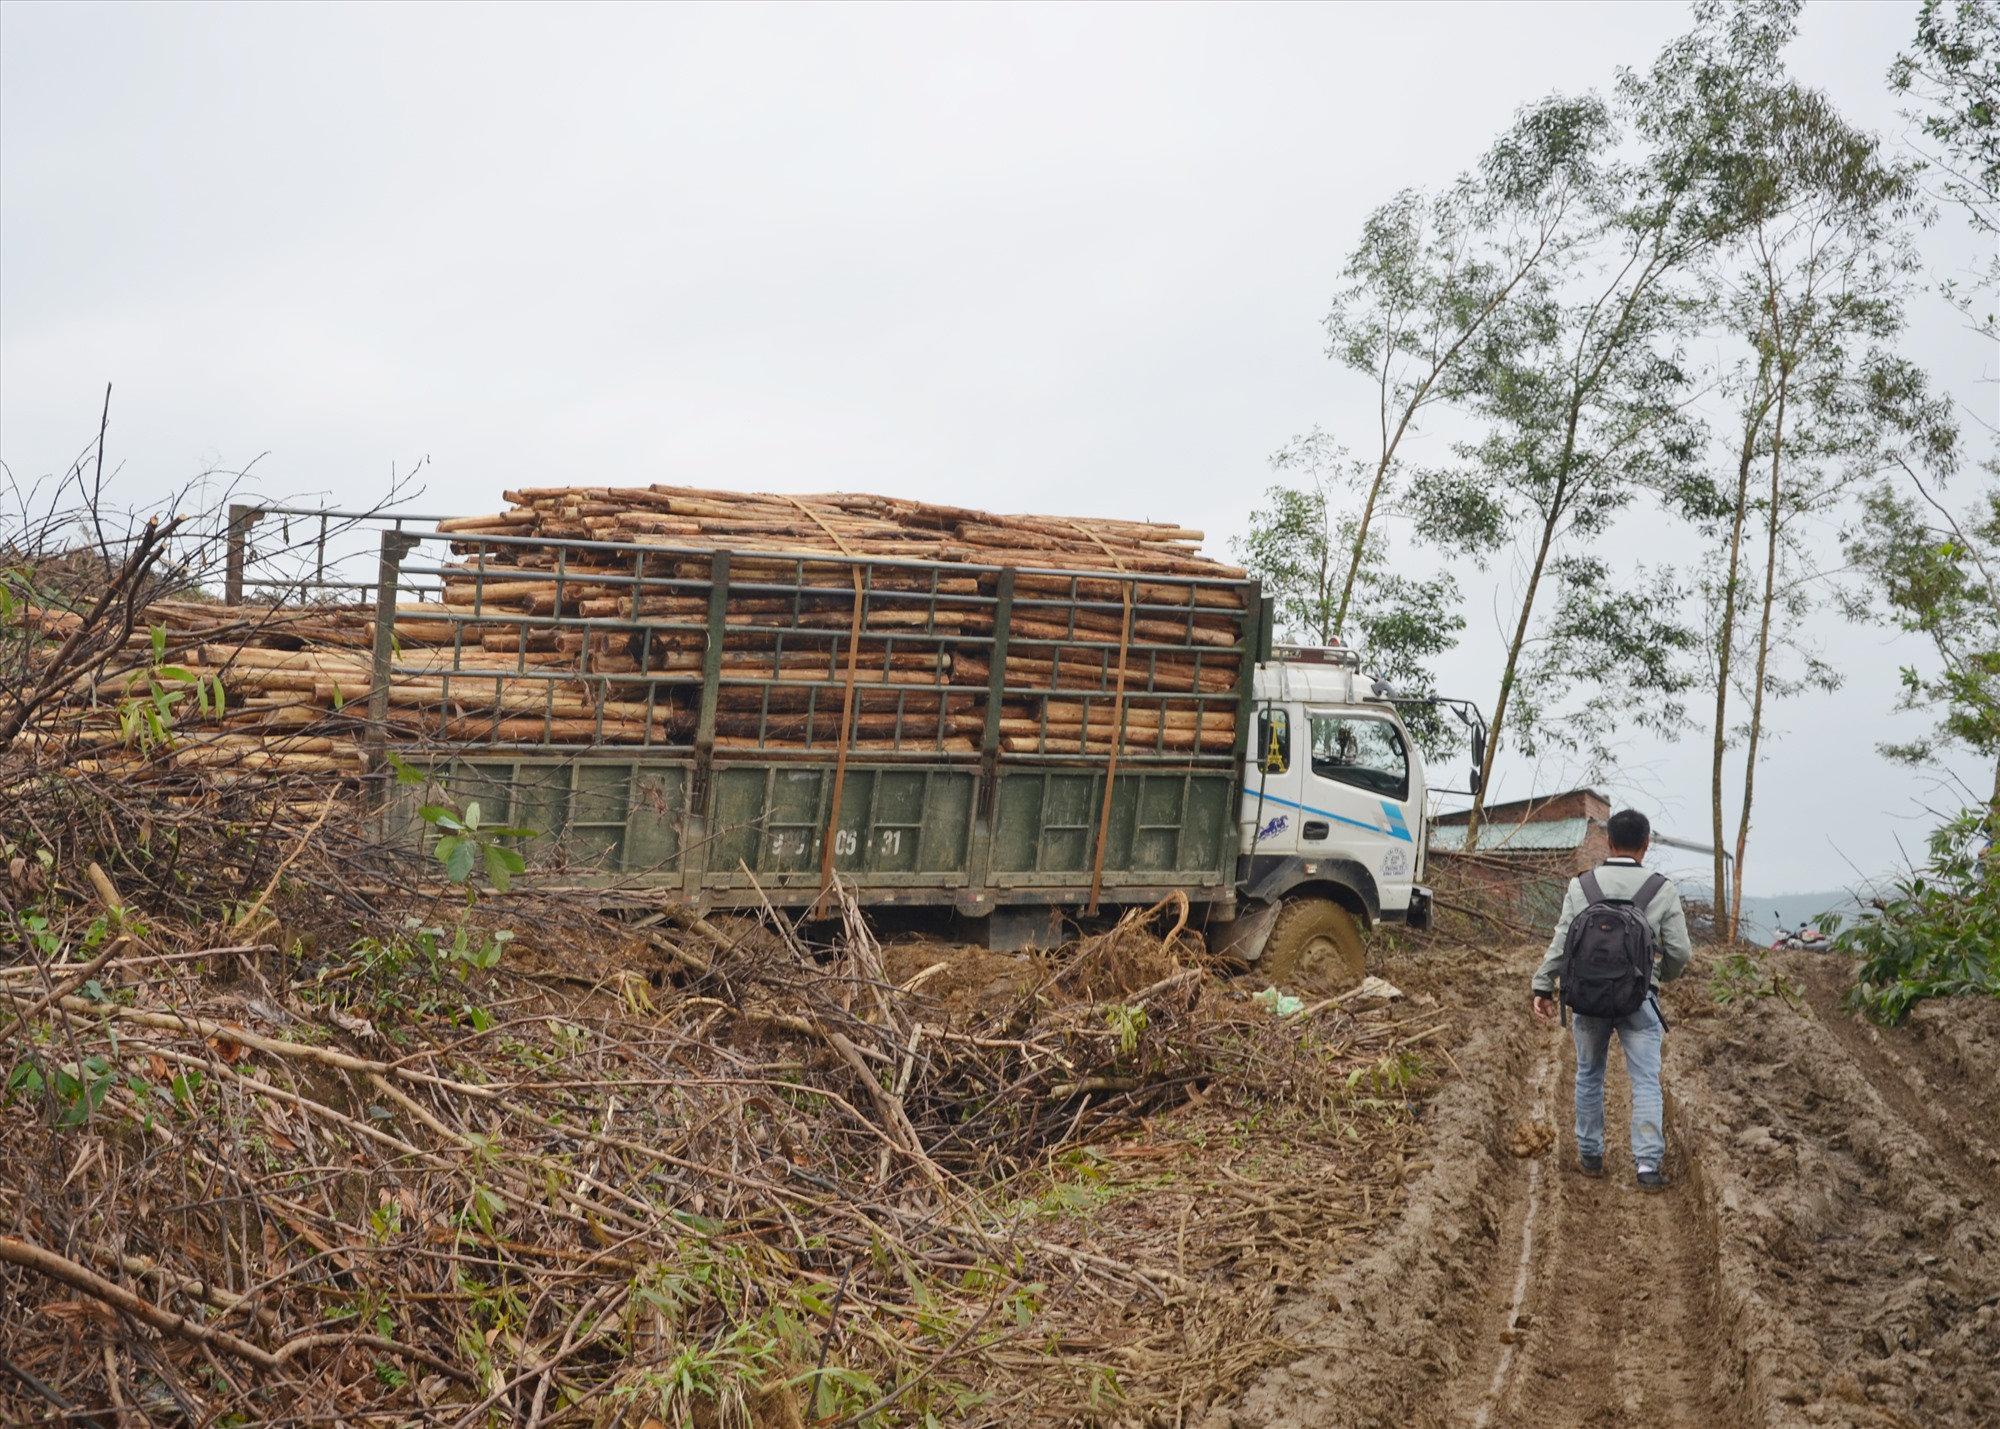 Đời sống khó khăn, người dân không thoát ly với rừng trồng gỗ nhỏ. Ảnh: H.P